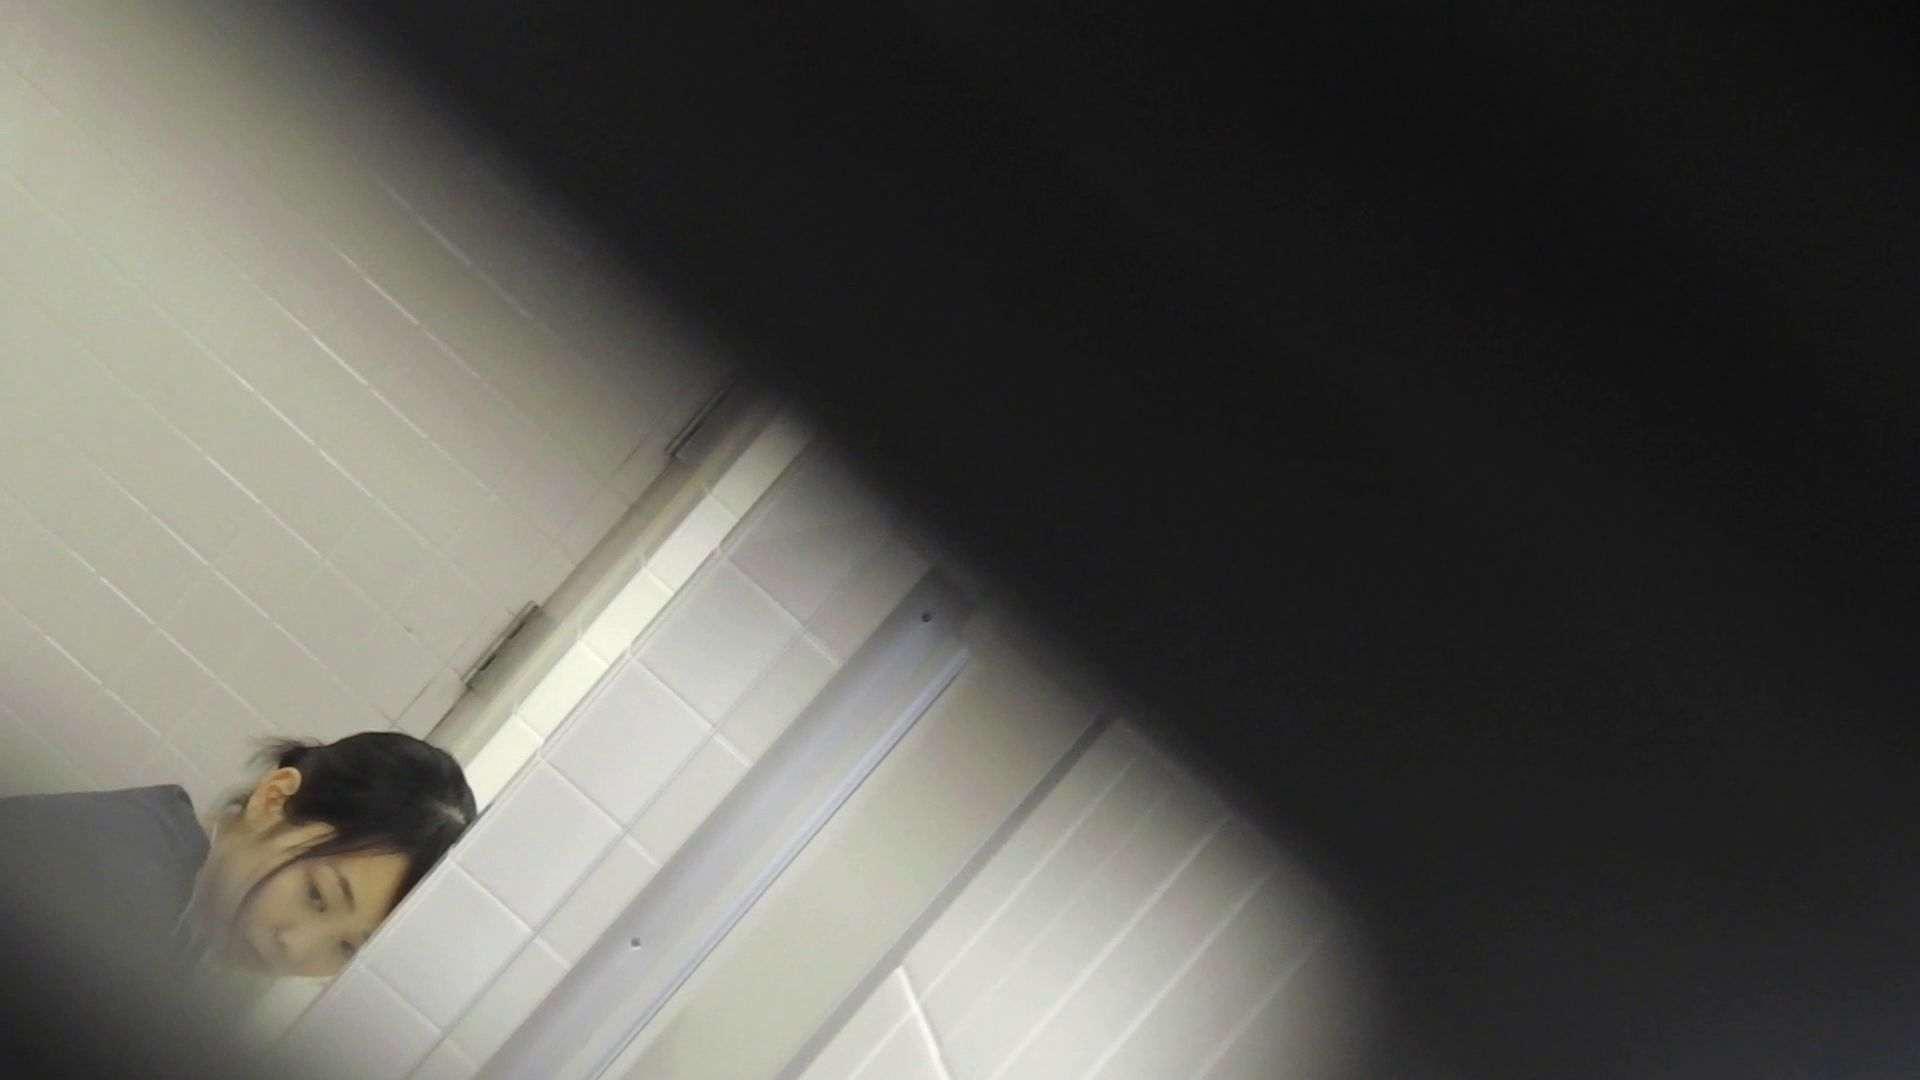 vol.11 命がけ潜伏洗面所! 多い日は大変です。 プライベート 隠し撮りおまんこ動画流出 98pic 59